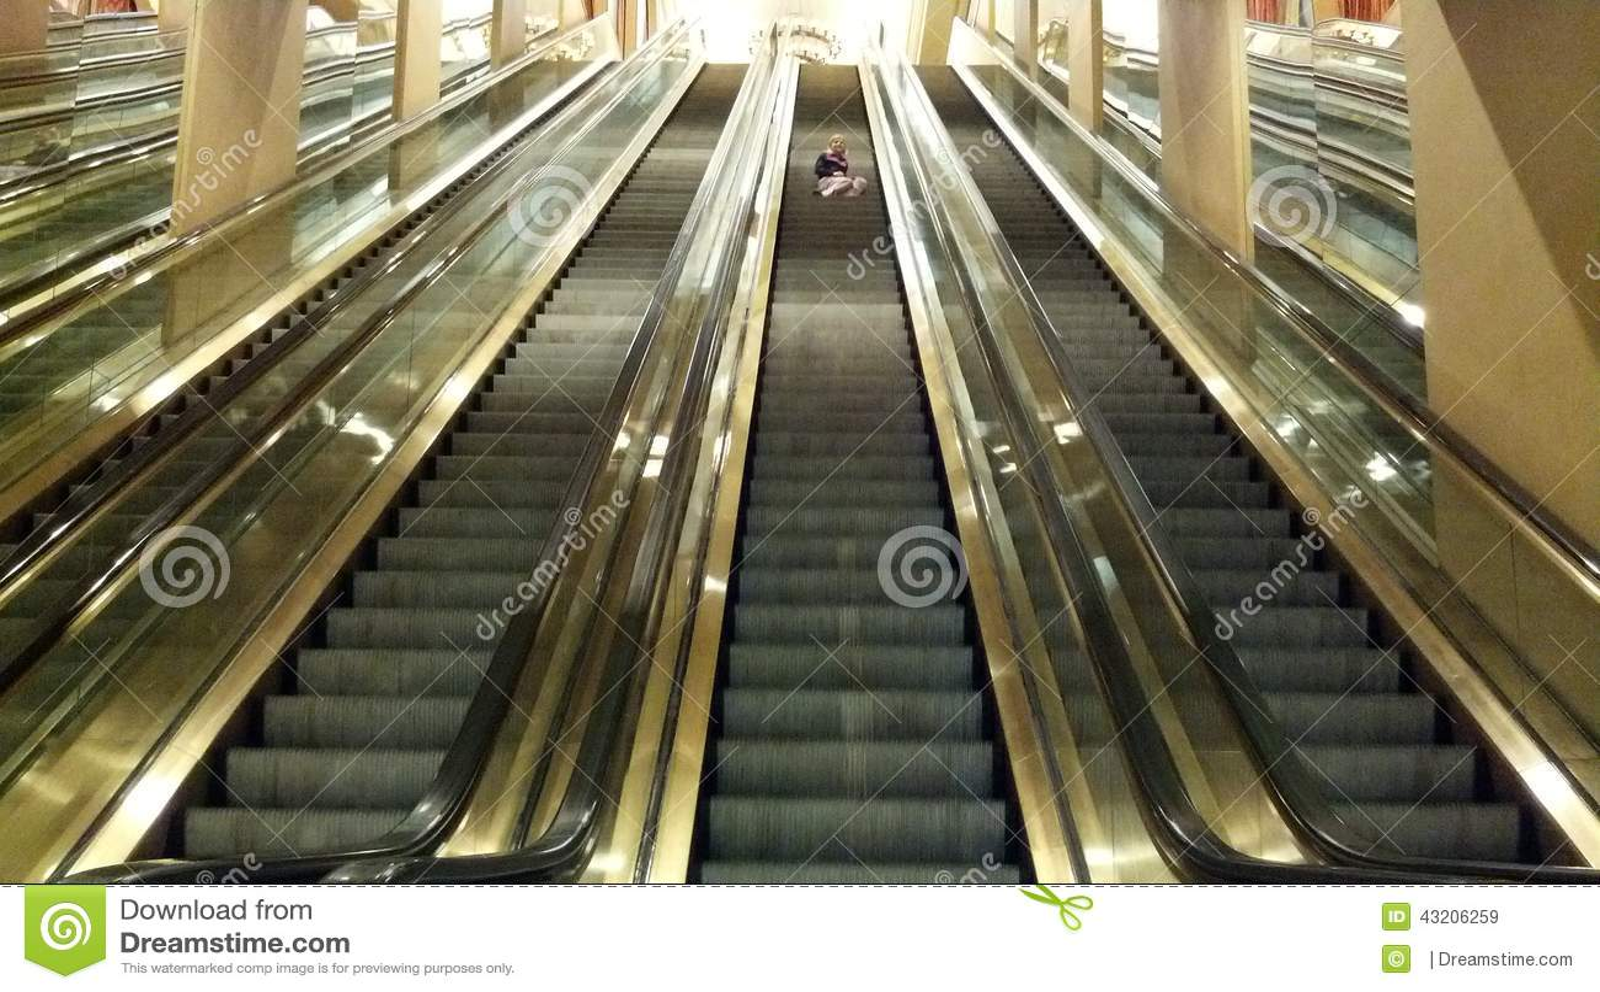 Download Flicka på rulltrappan fotografering för bildbyråer. Bild av rulltrappa - 43206259